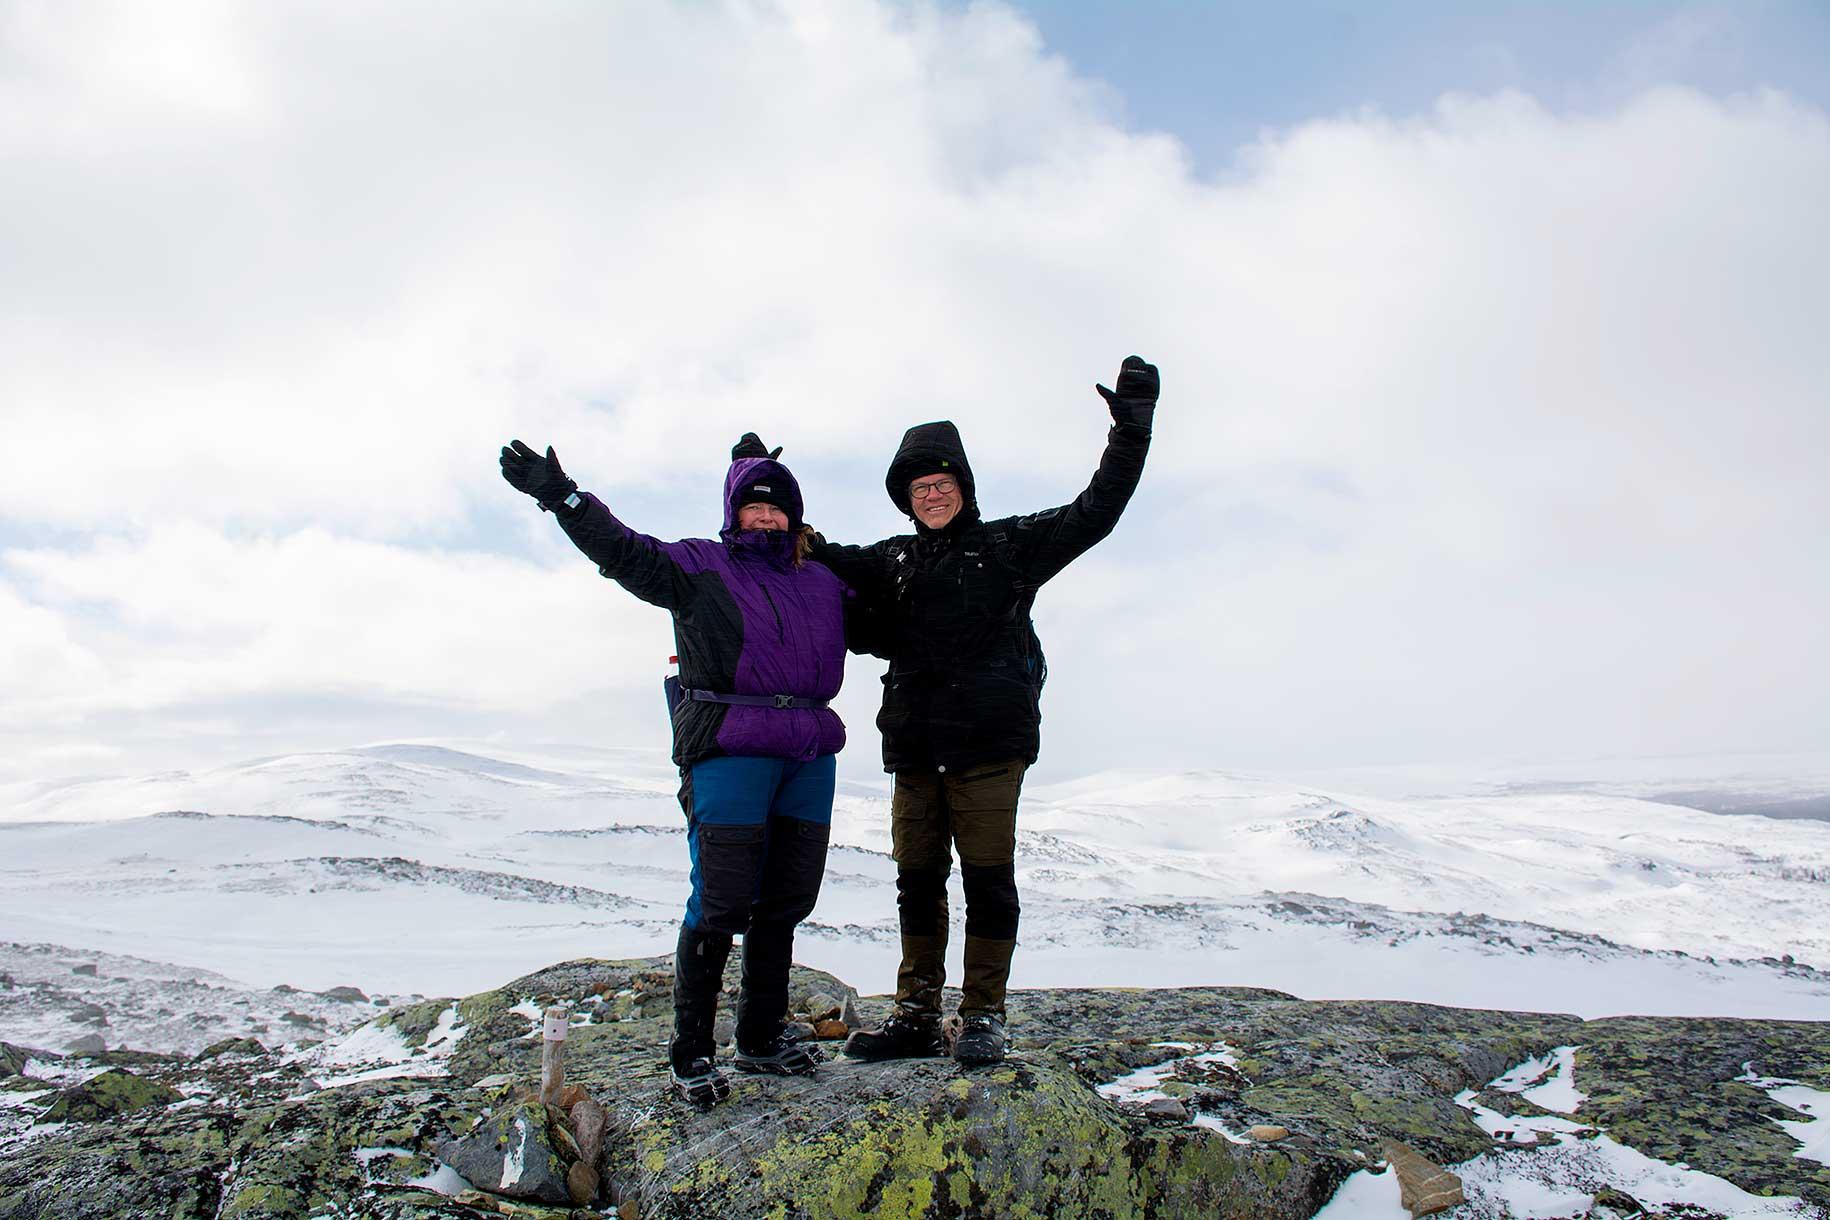 Syster och svåger uppe på klippan vi satt som mål.